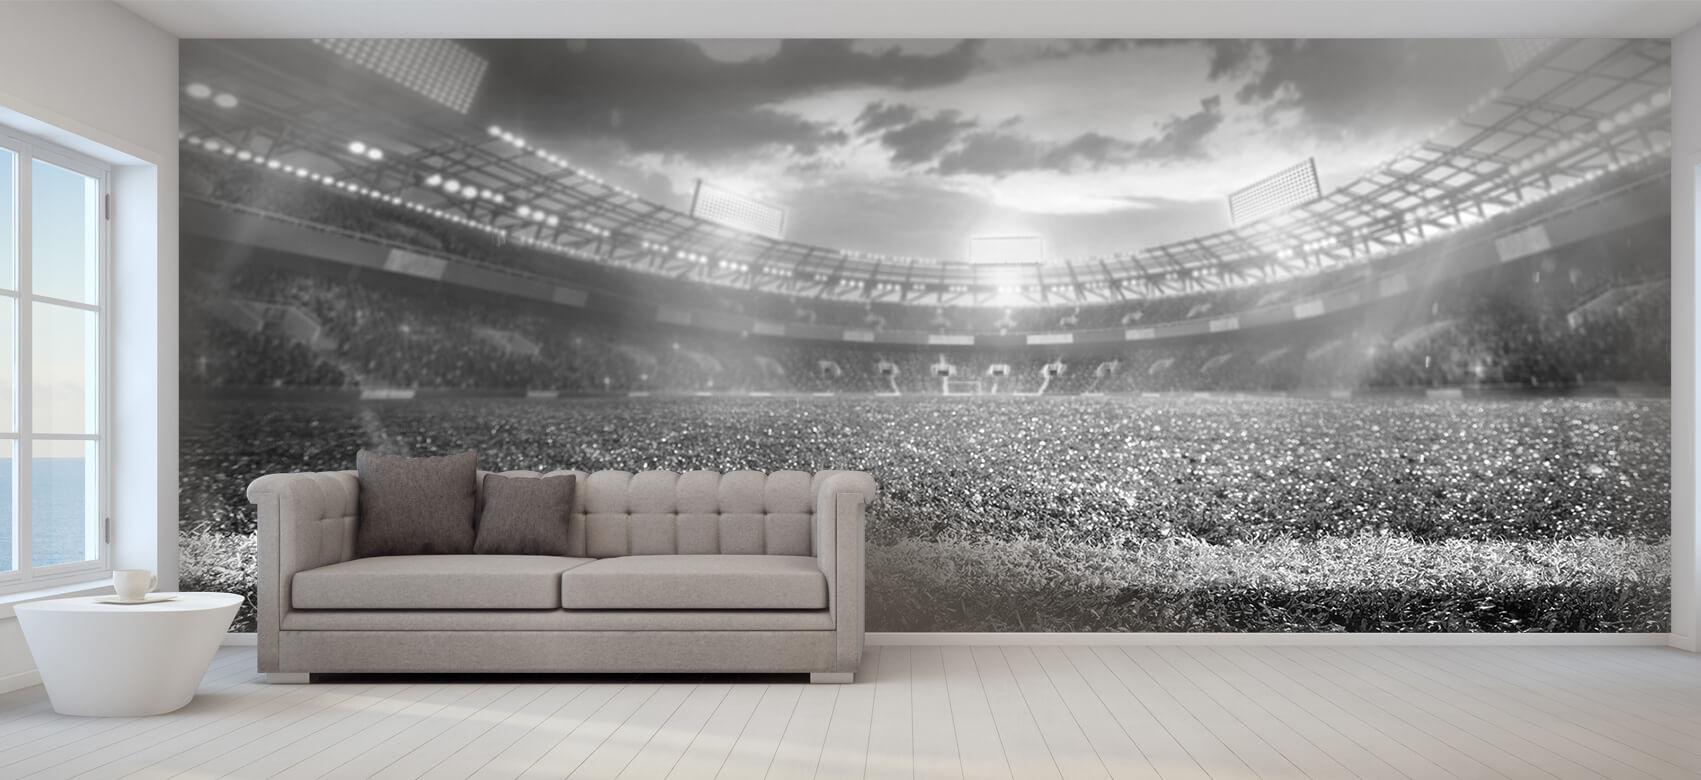 Sport Stadion met kunstgras 9